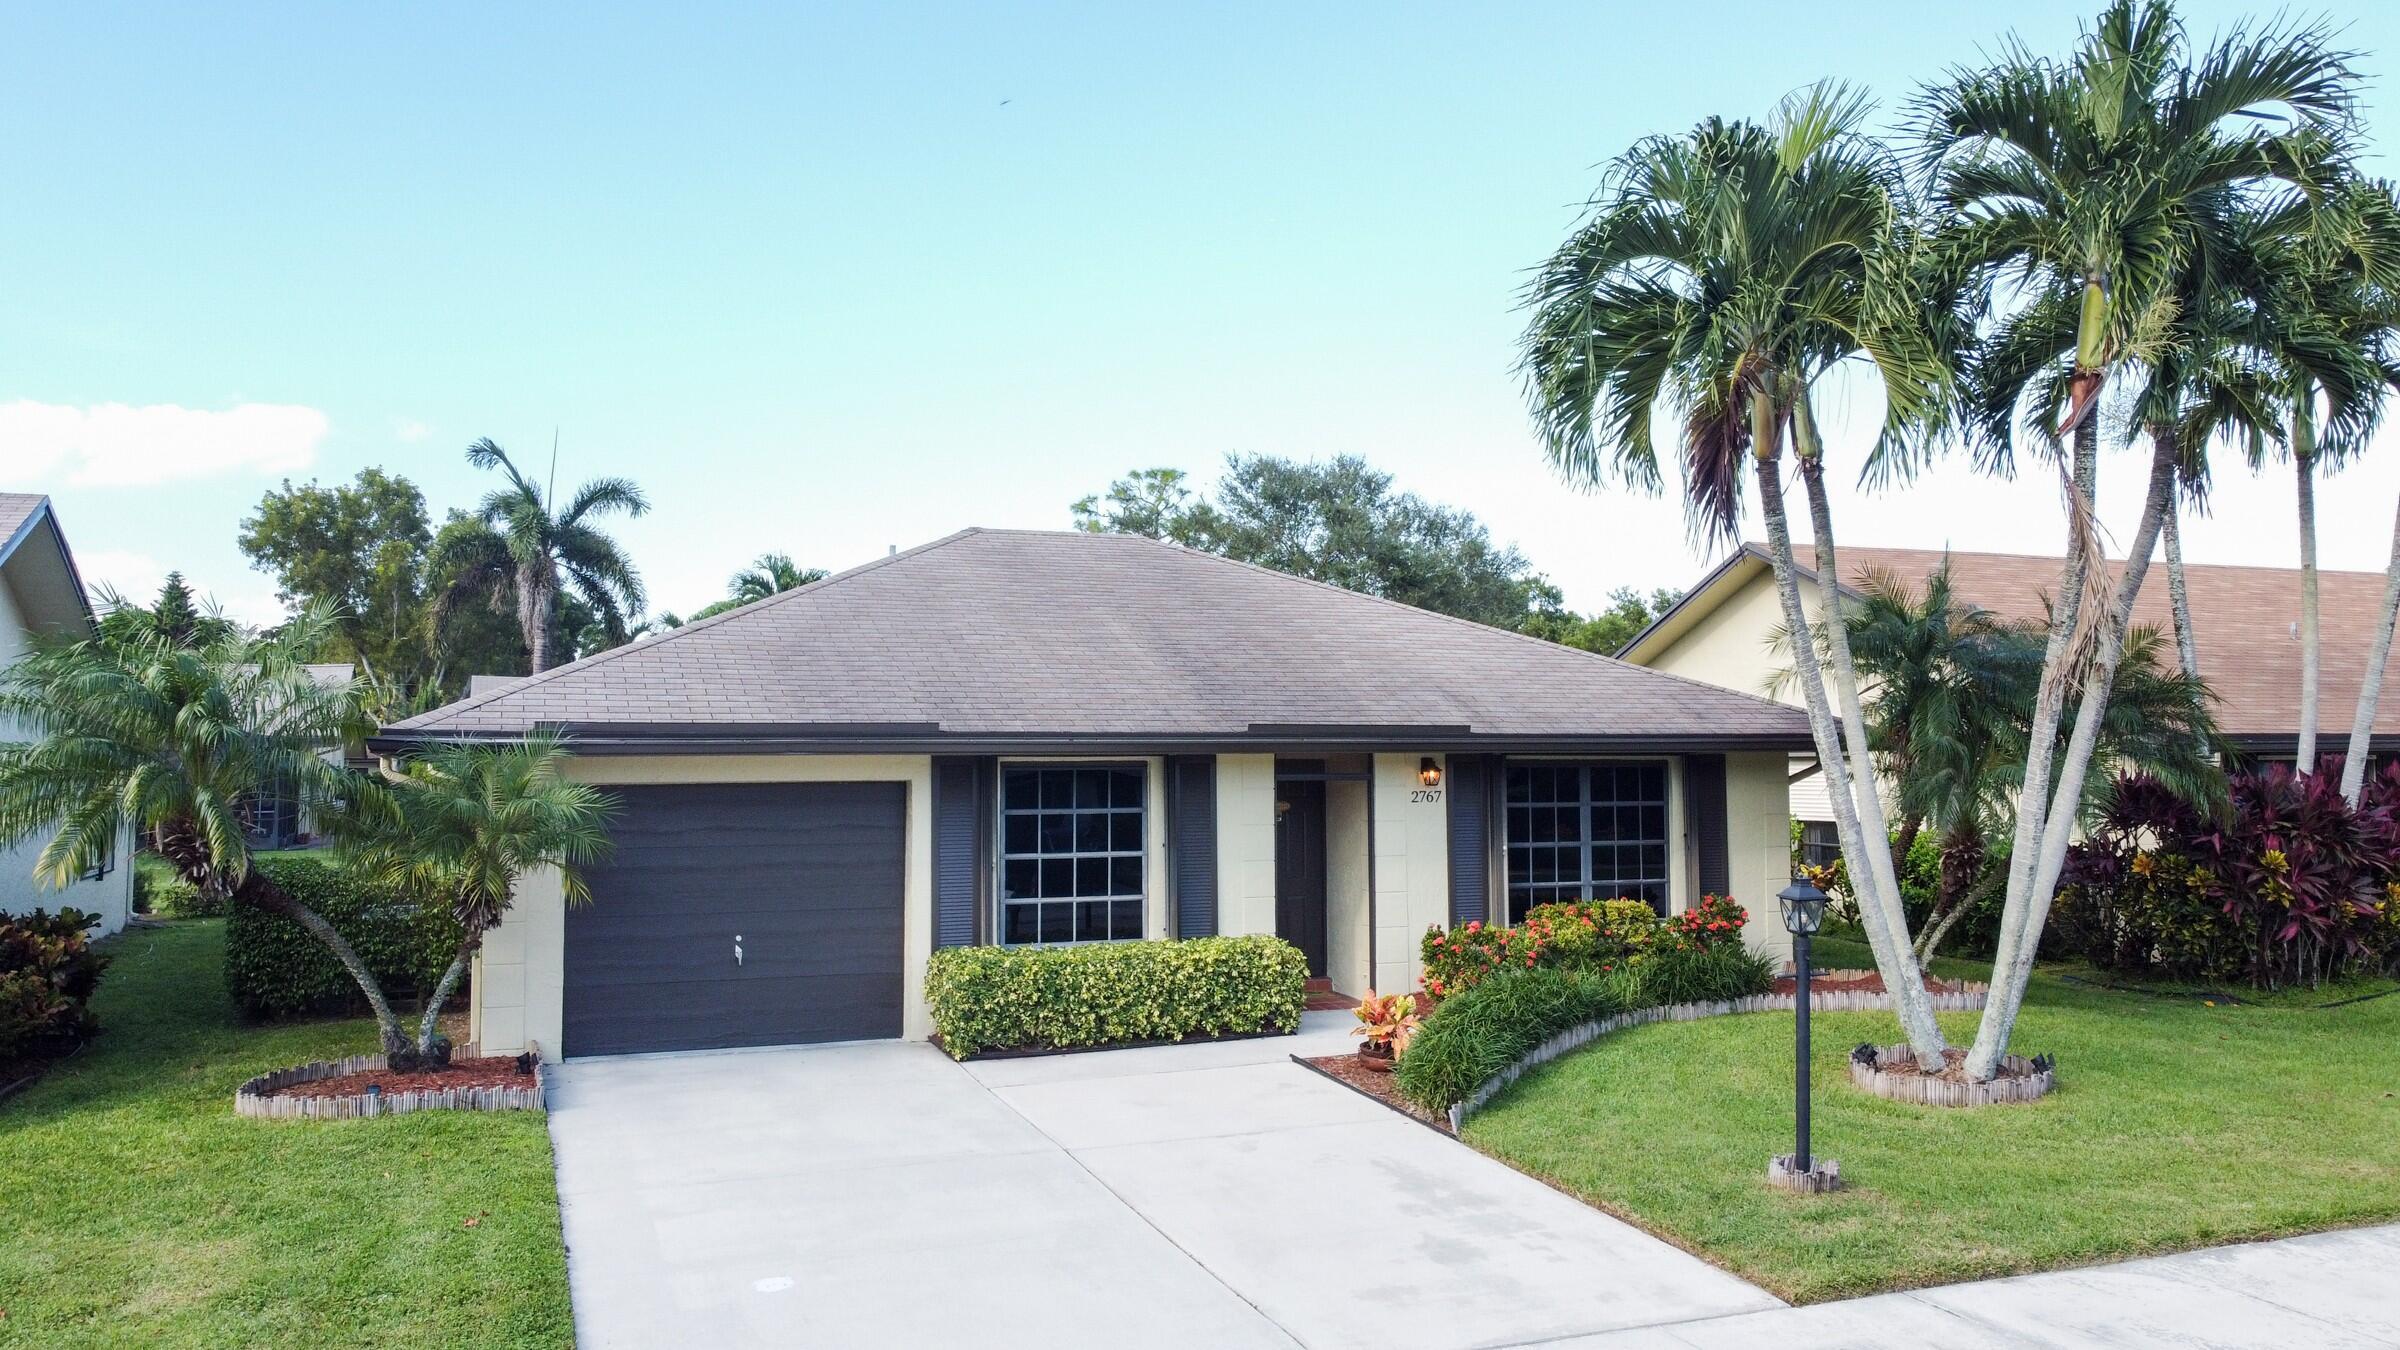 2767 Carnation Court, Delray Beach, FL 33445